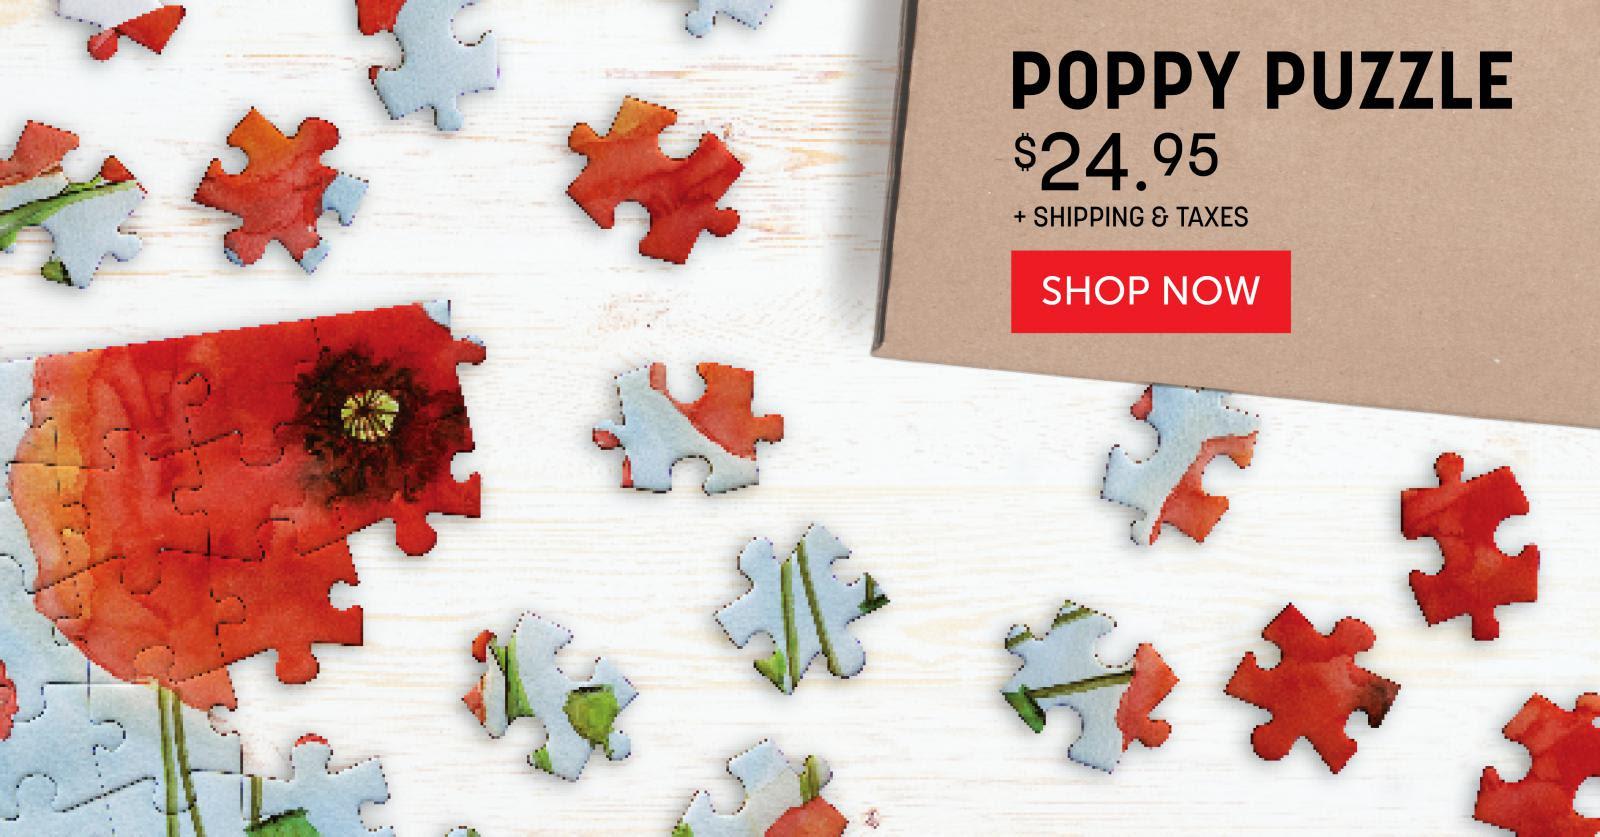 Poppy Puzzle!